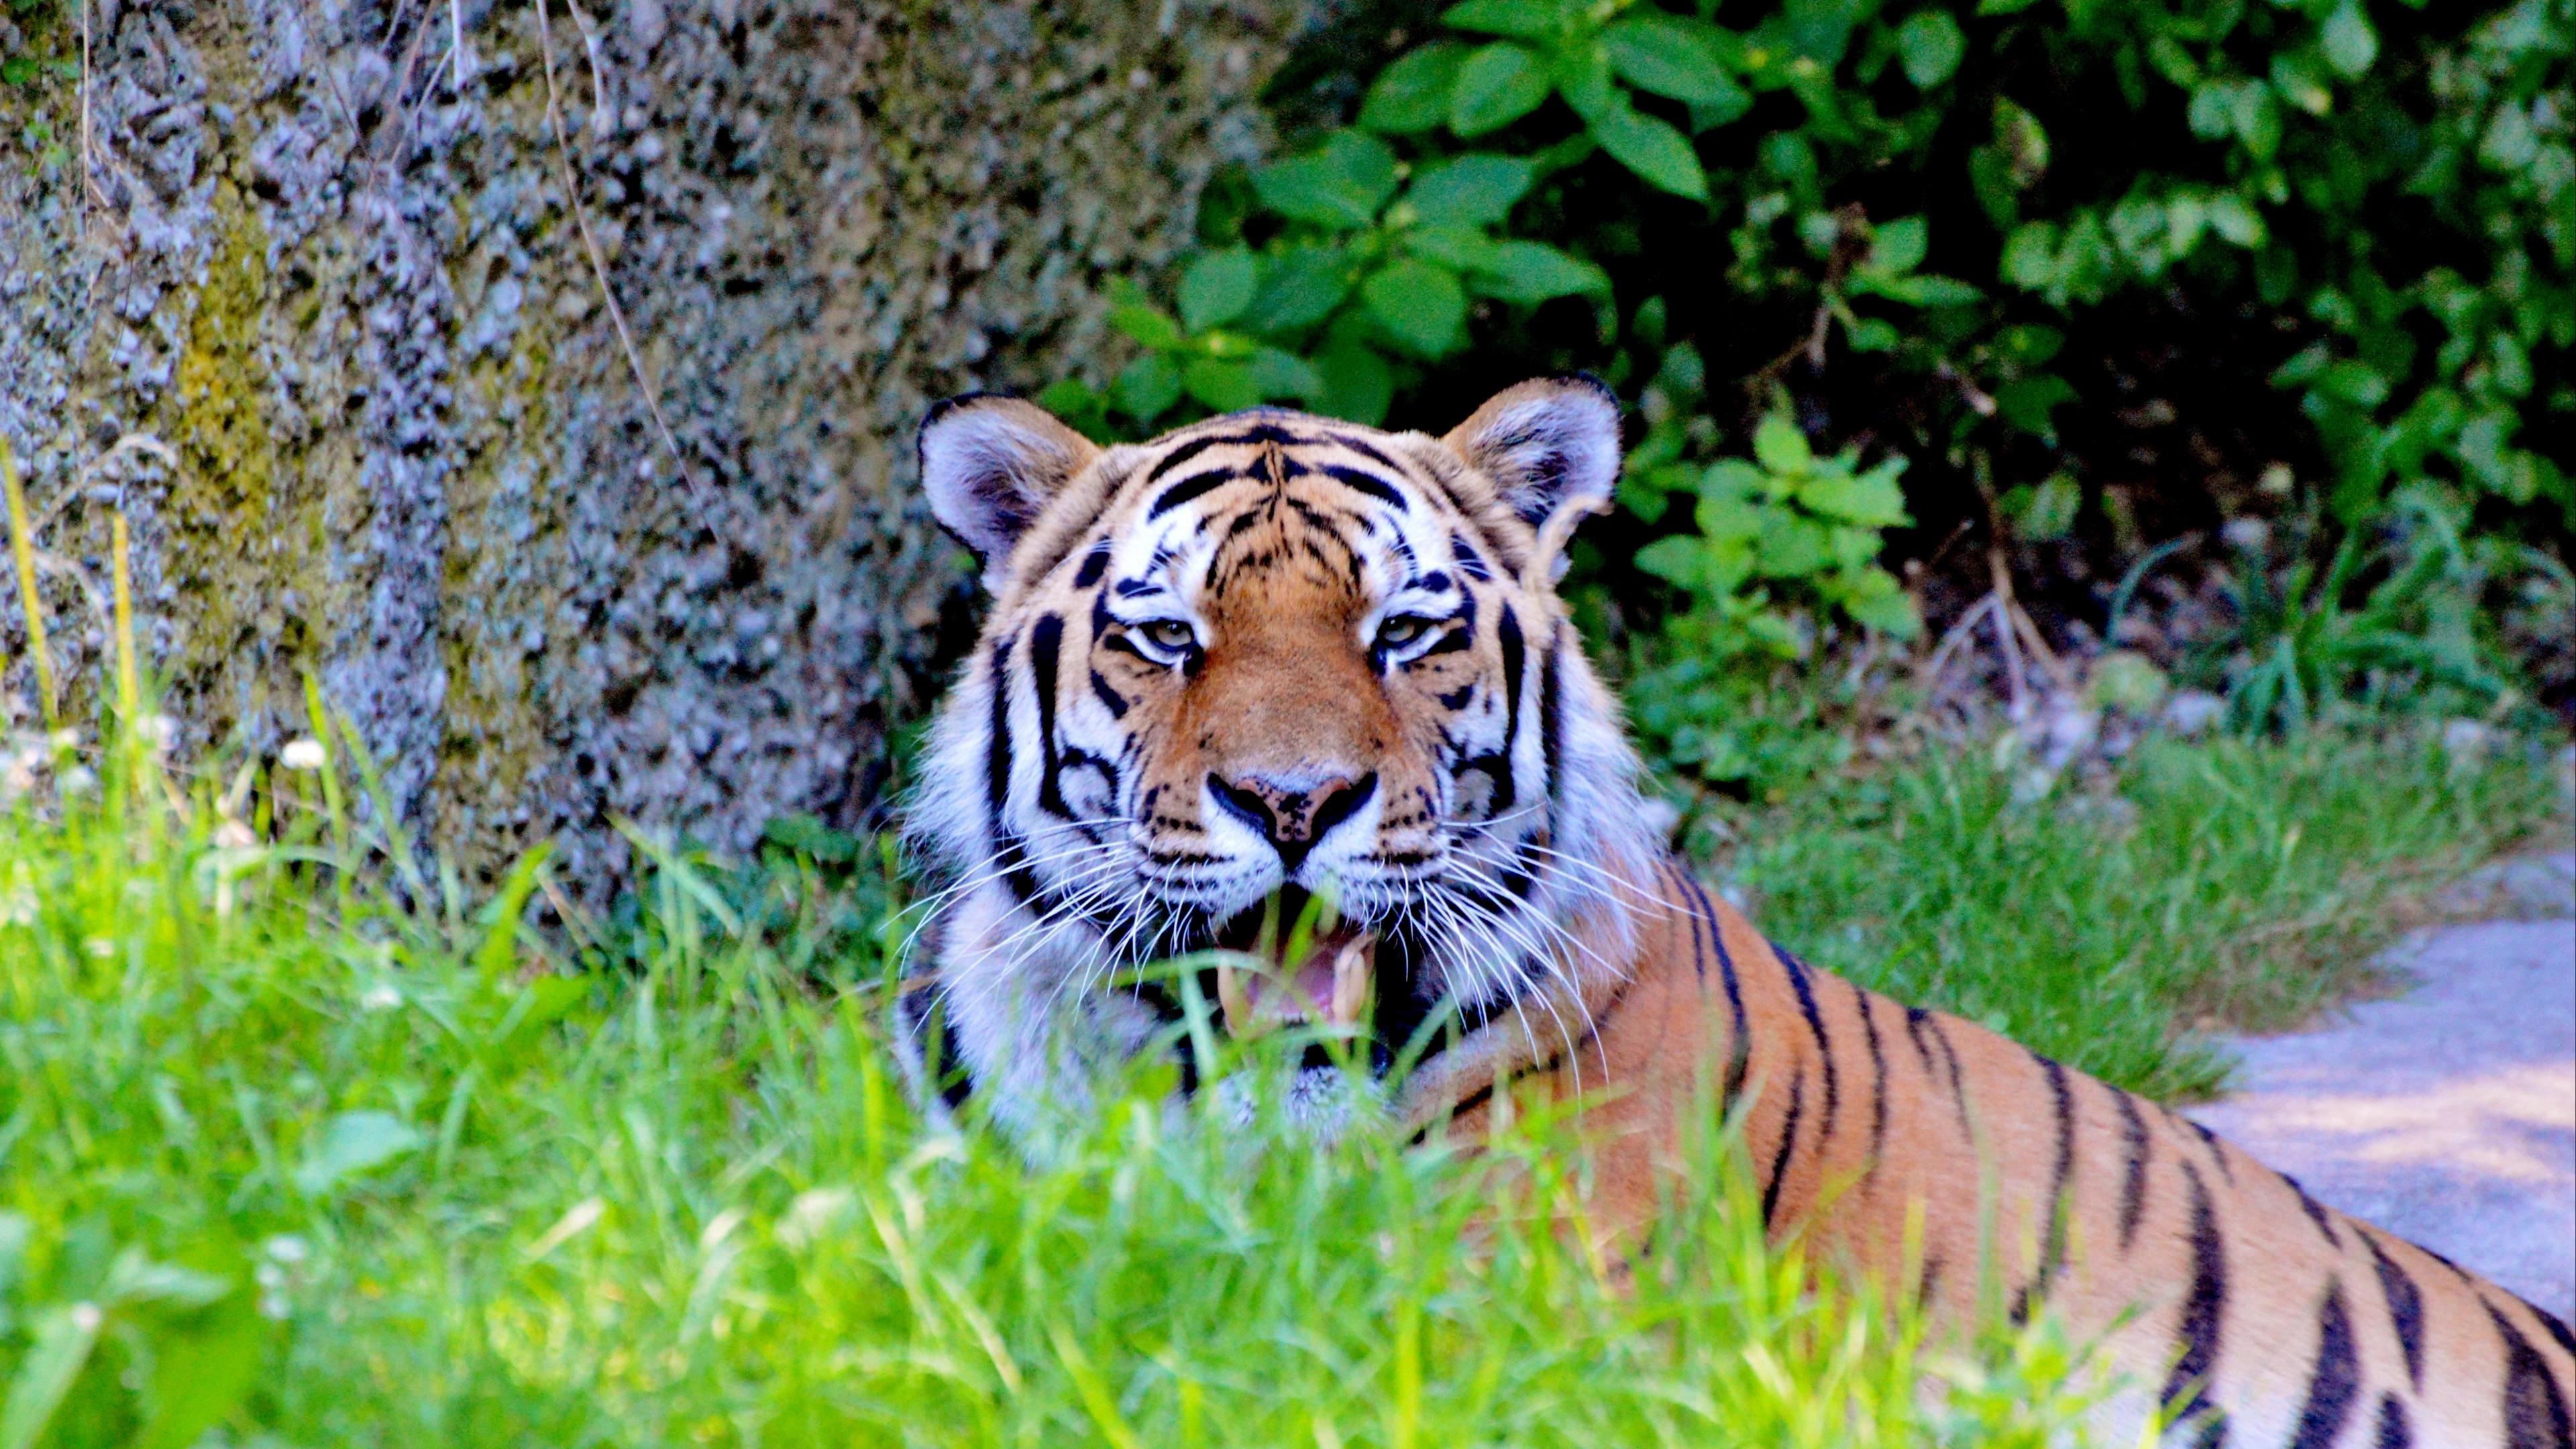 tiger big cat predator look 4k 1542242483 - tiger, big cat, predator, look 4k - Tiger, Predator, big cat